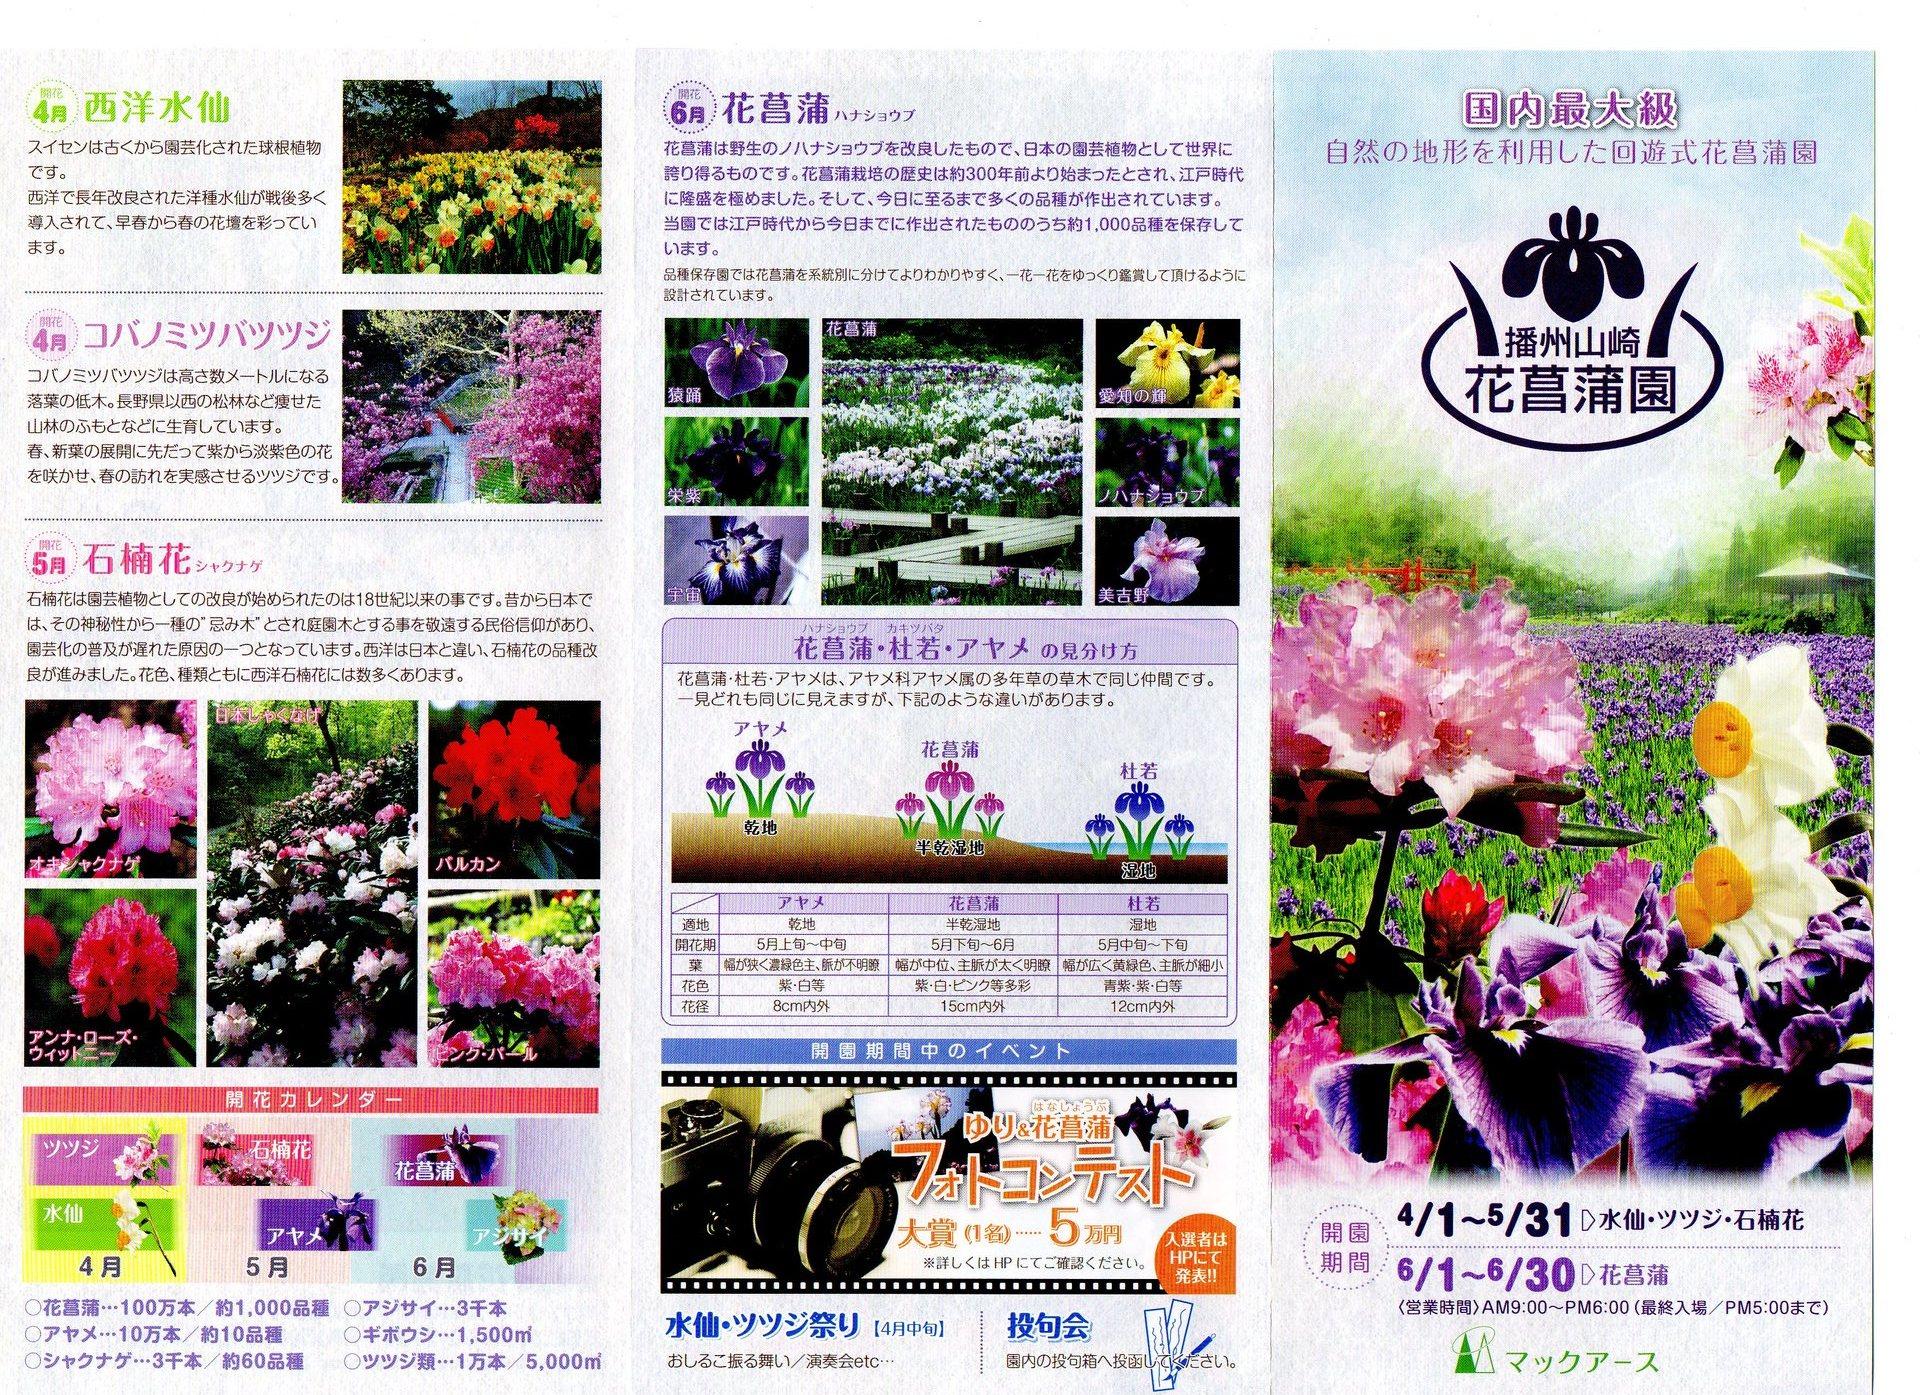 shobuen-leaflet1.jpg